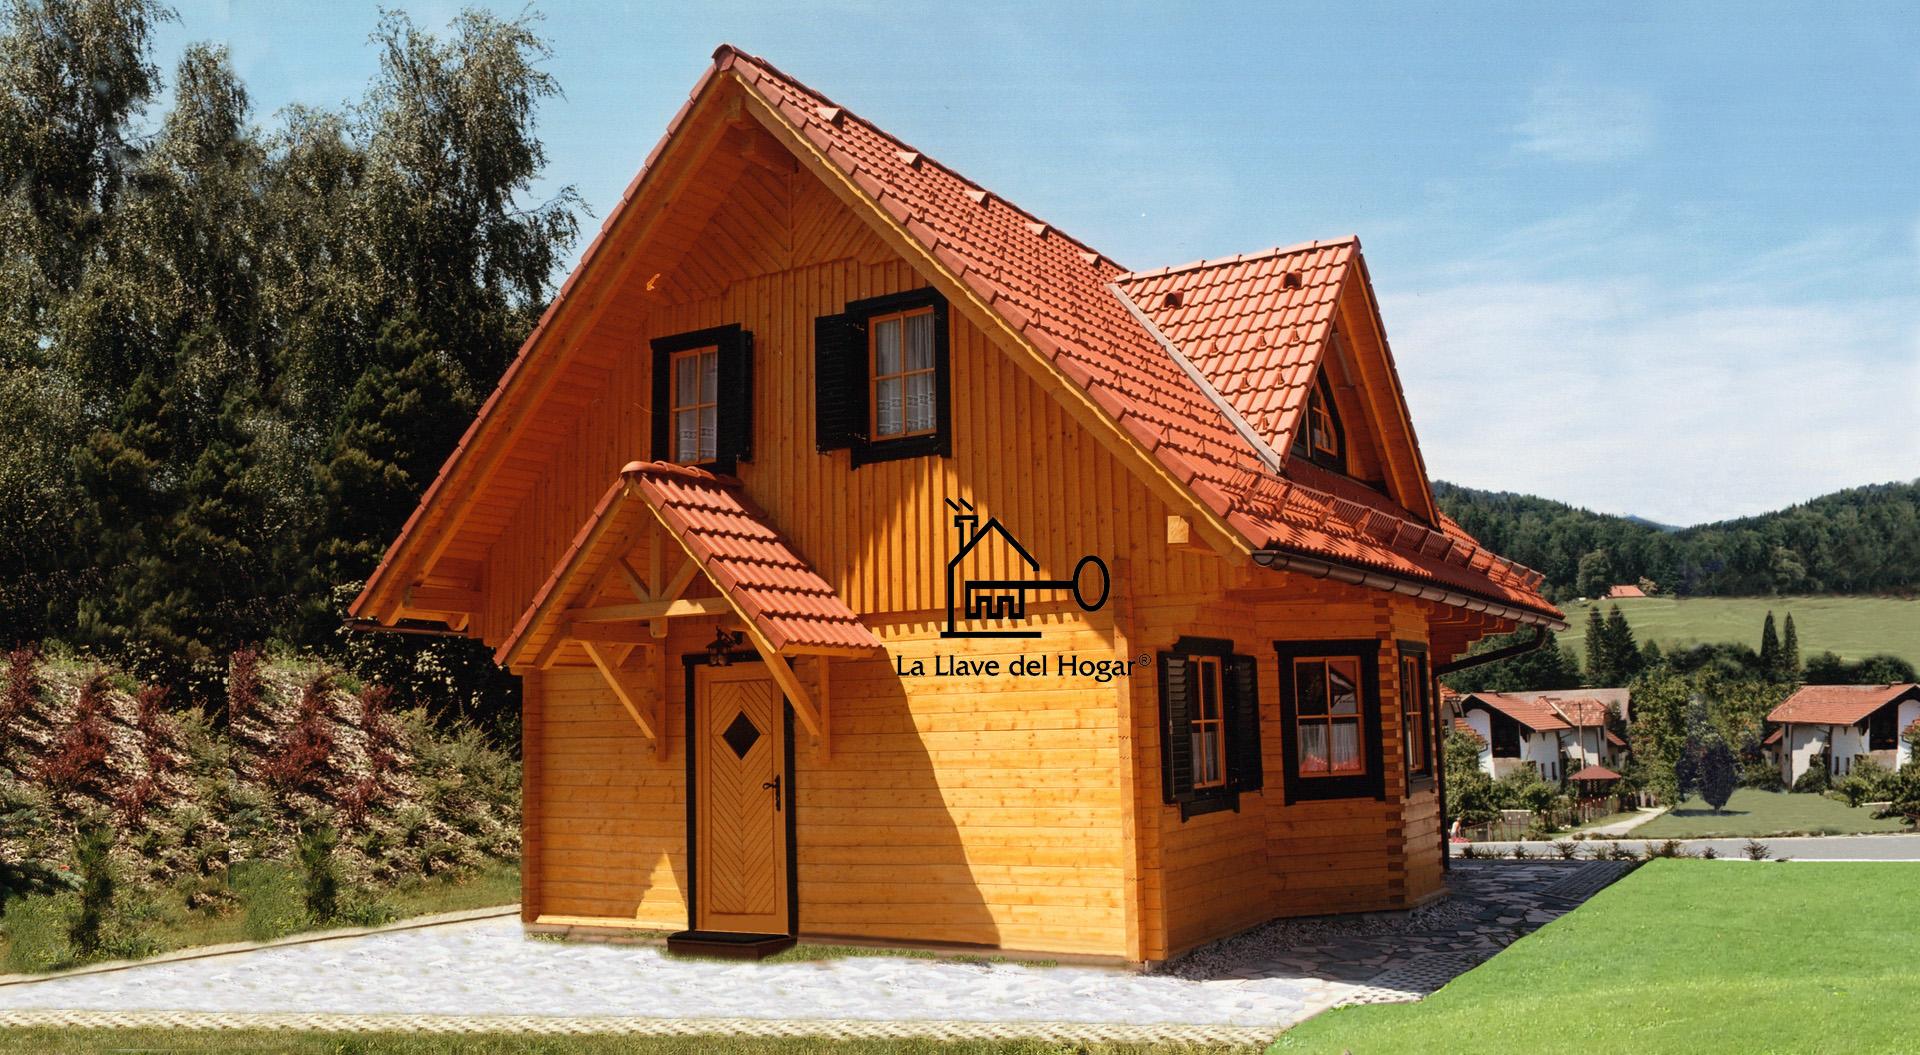 Teide 105m casas de madera la llave del hogar - Cocheras de madera prefabricadas ...